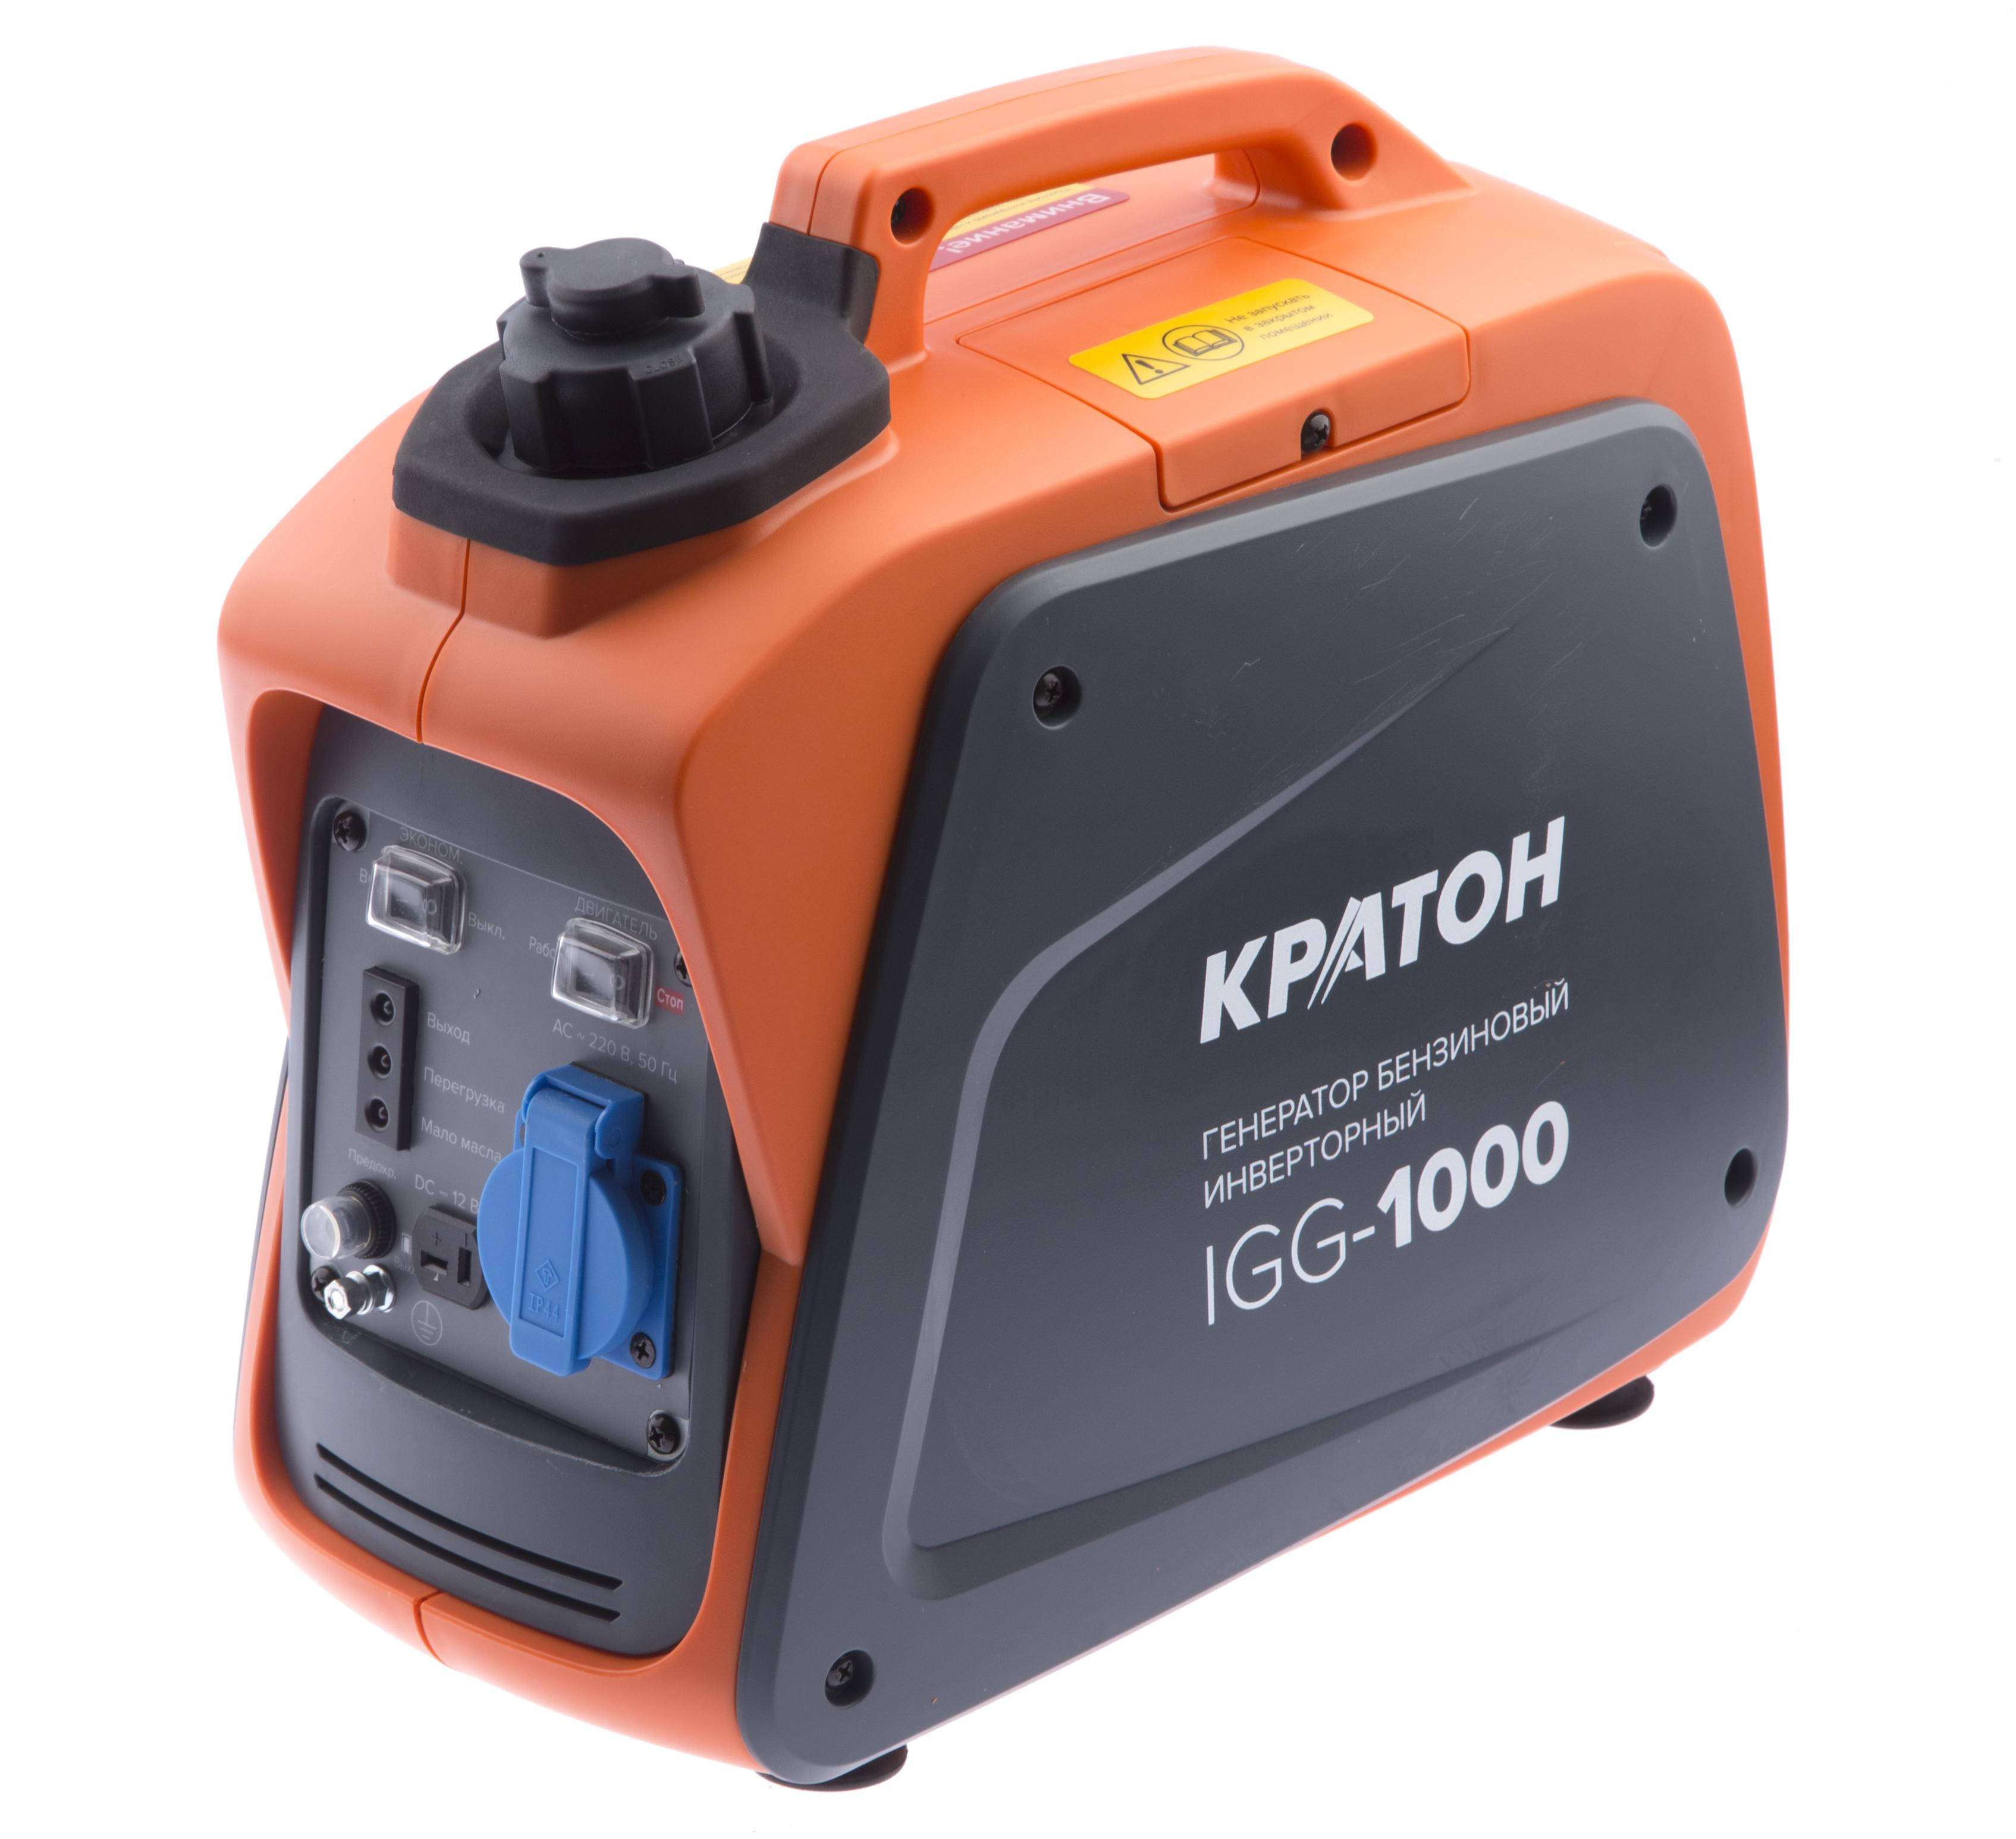 Бензиновый генератор КРАТОН Igg-1000